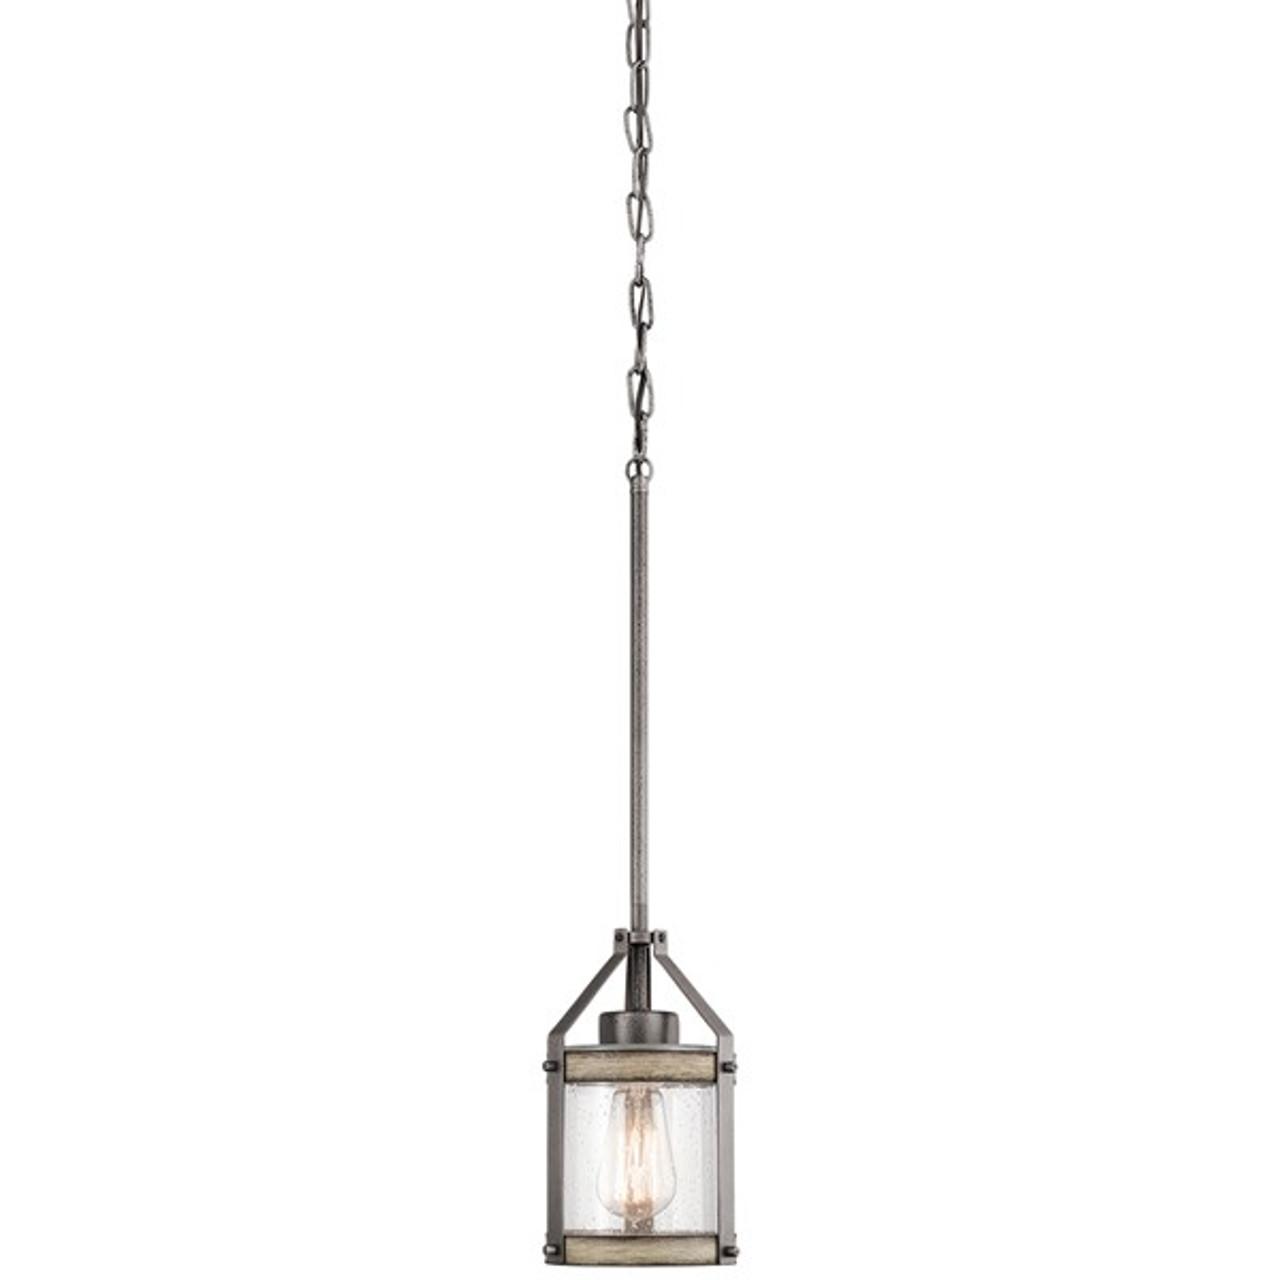 barrington 1 light pendant by kichler lighting